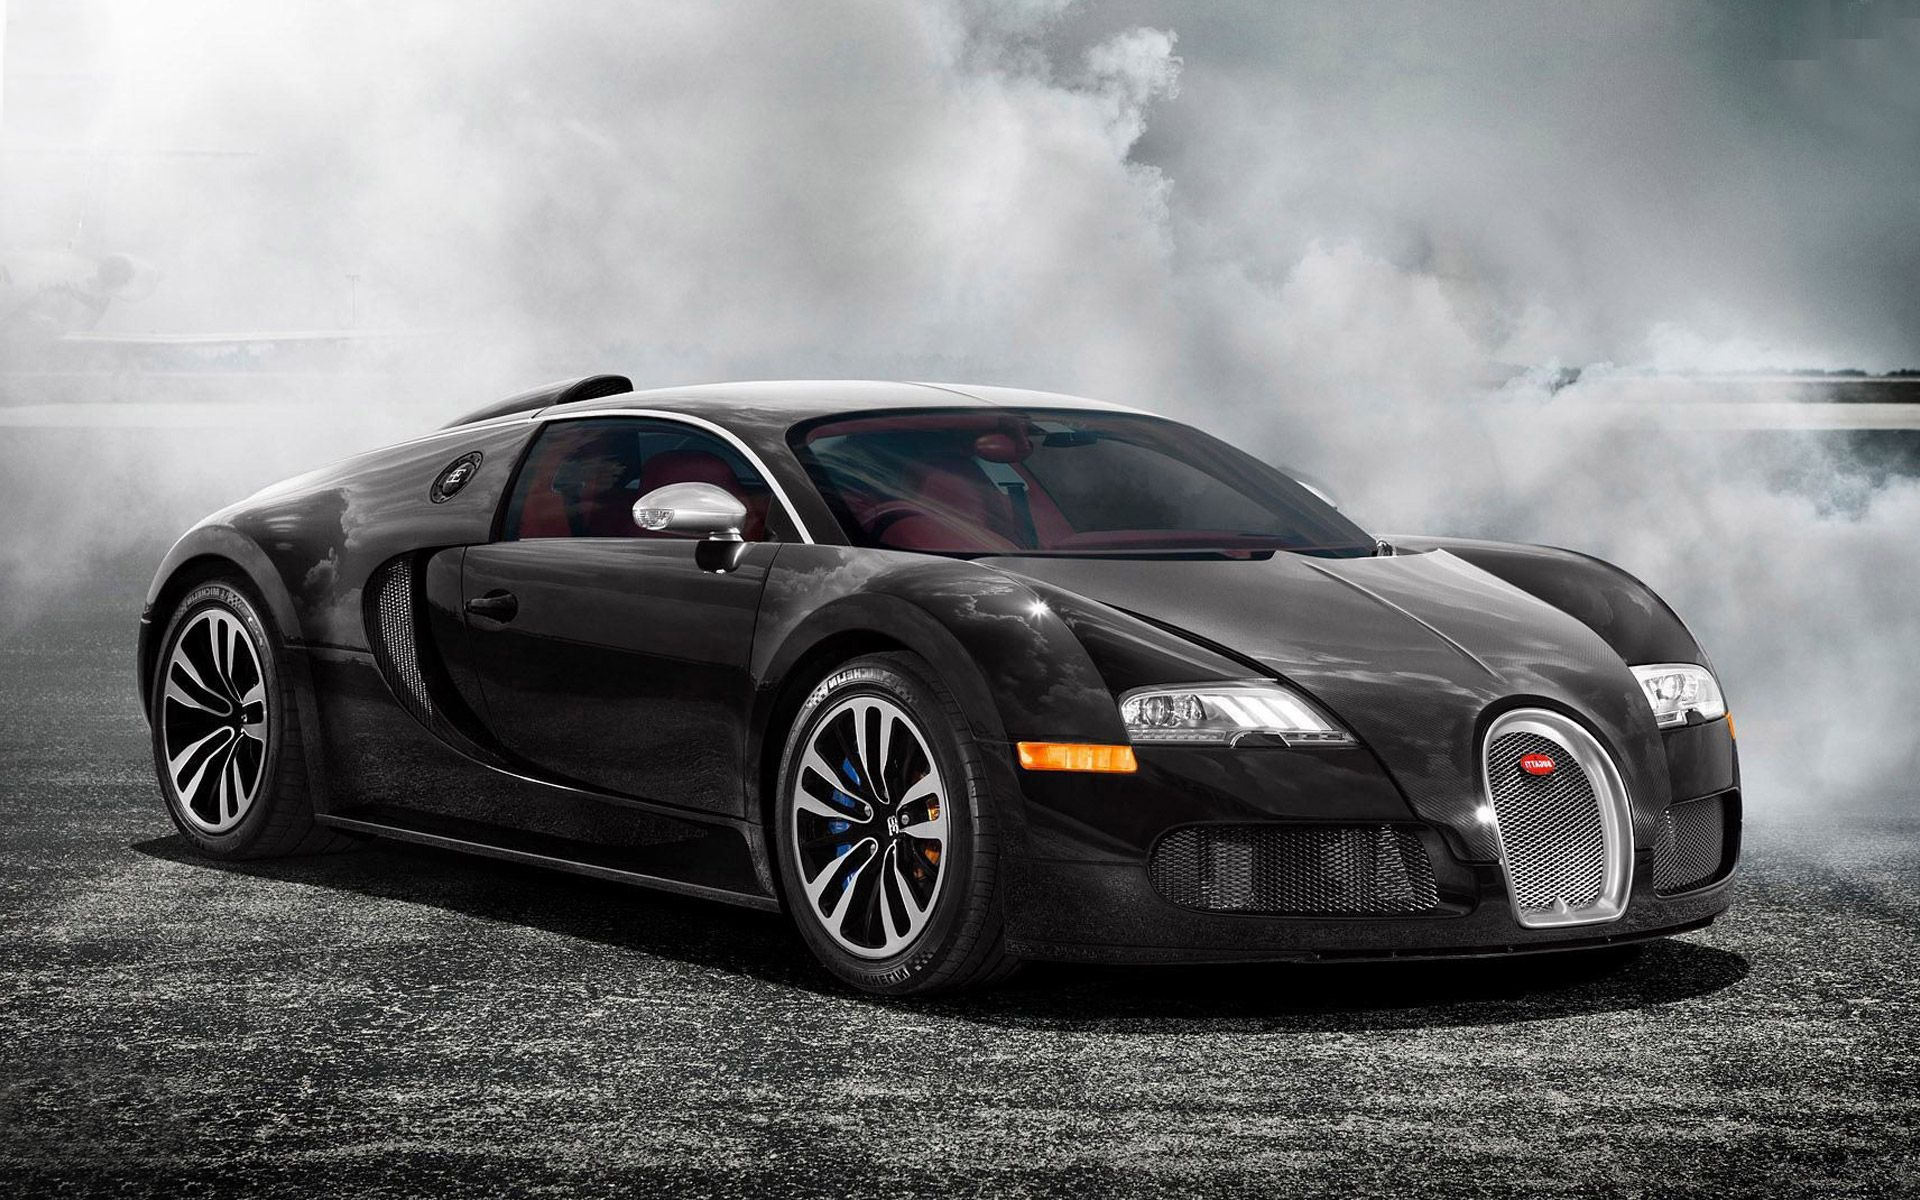 43d9e746cfdfc501b3e7075e45768fdd Amazing Bugatti Veyron Price In Australia Cars Trend